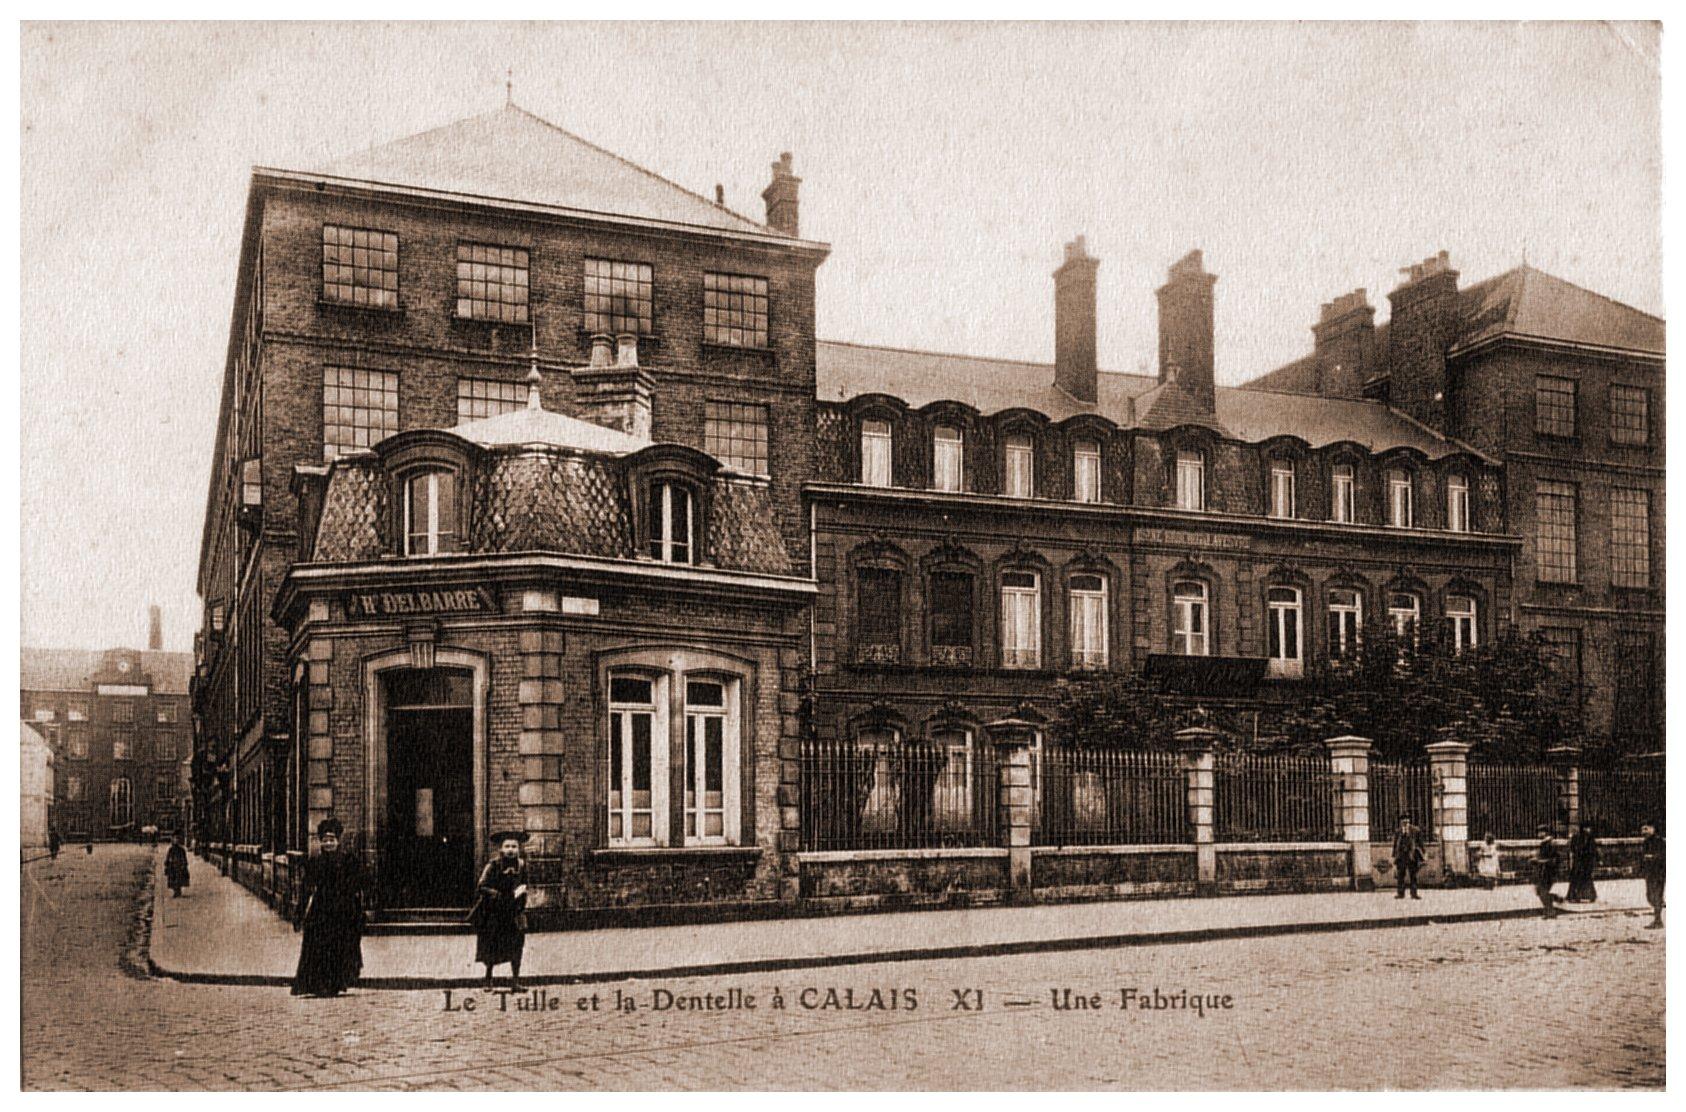 Calais - une fabrique de dentelles